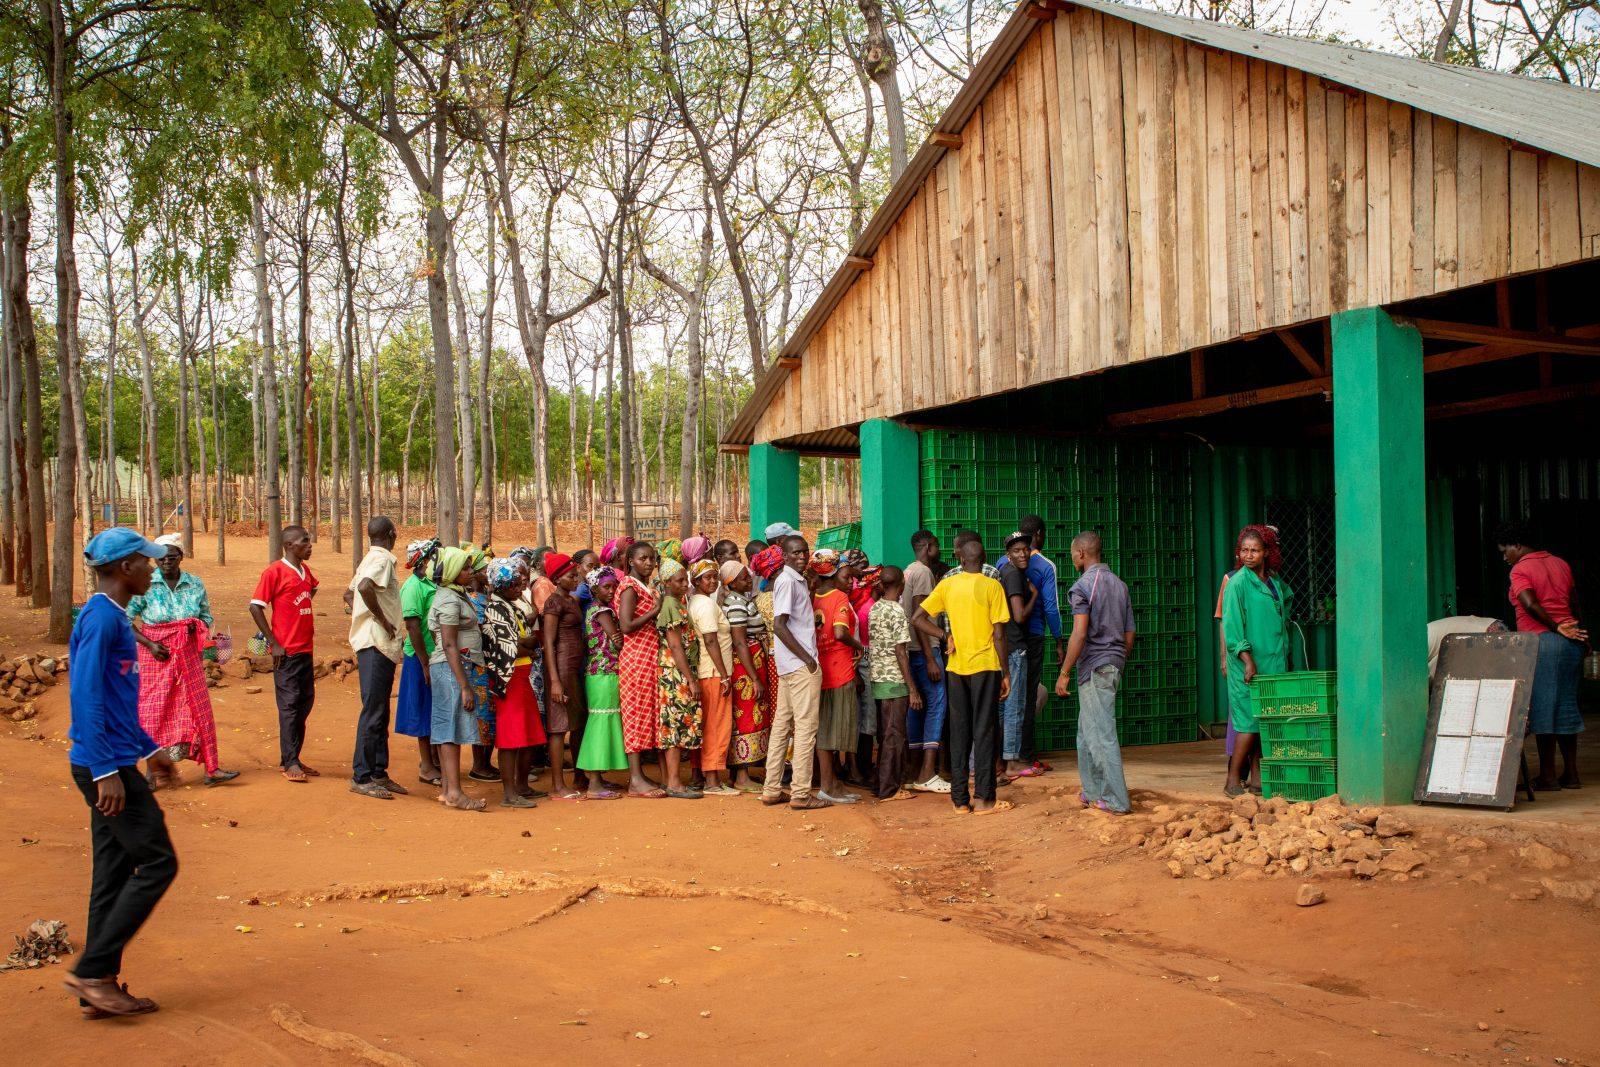 Dagsarbetarna väntar på att checka ut med hjälp av sina fingeravtryck efter en dags arbete på Kiambere-plantagen. Bild från juni 2019.